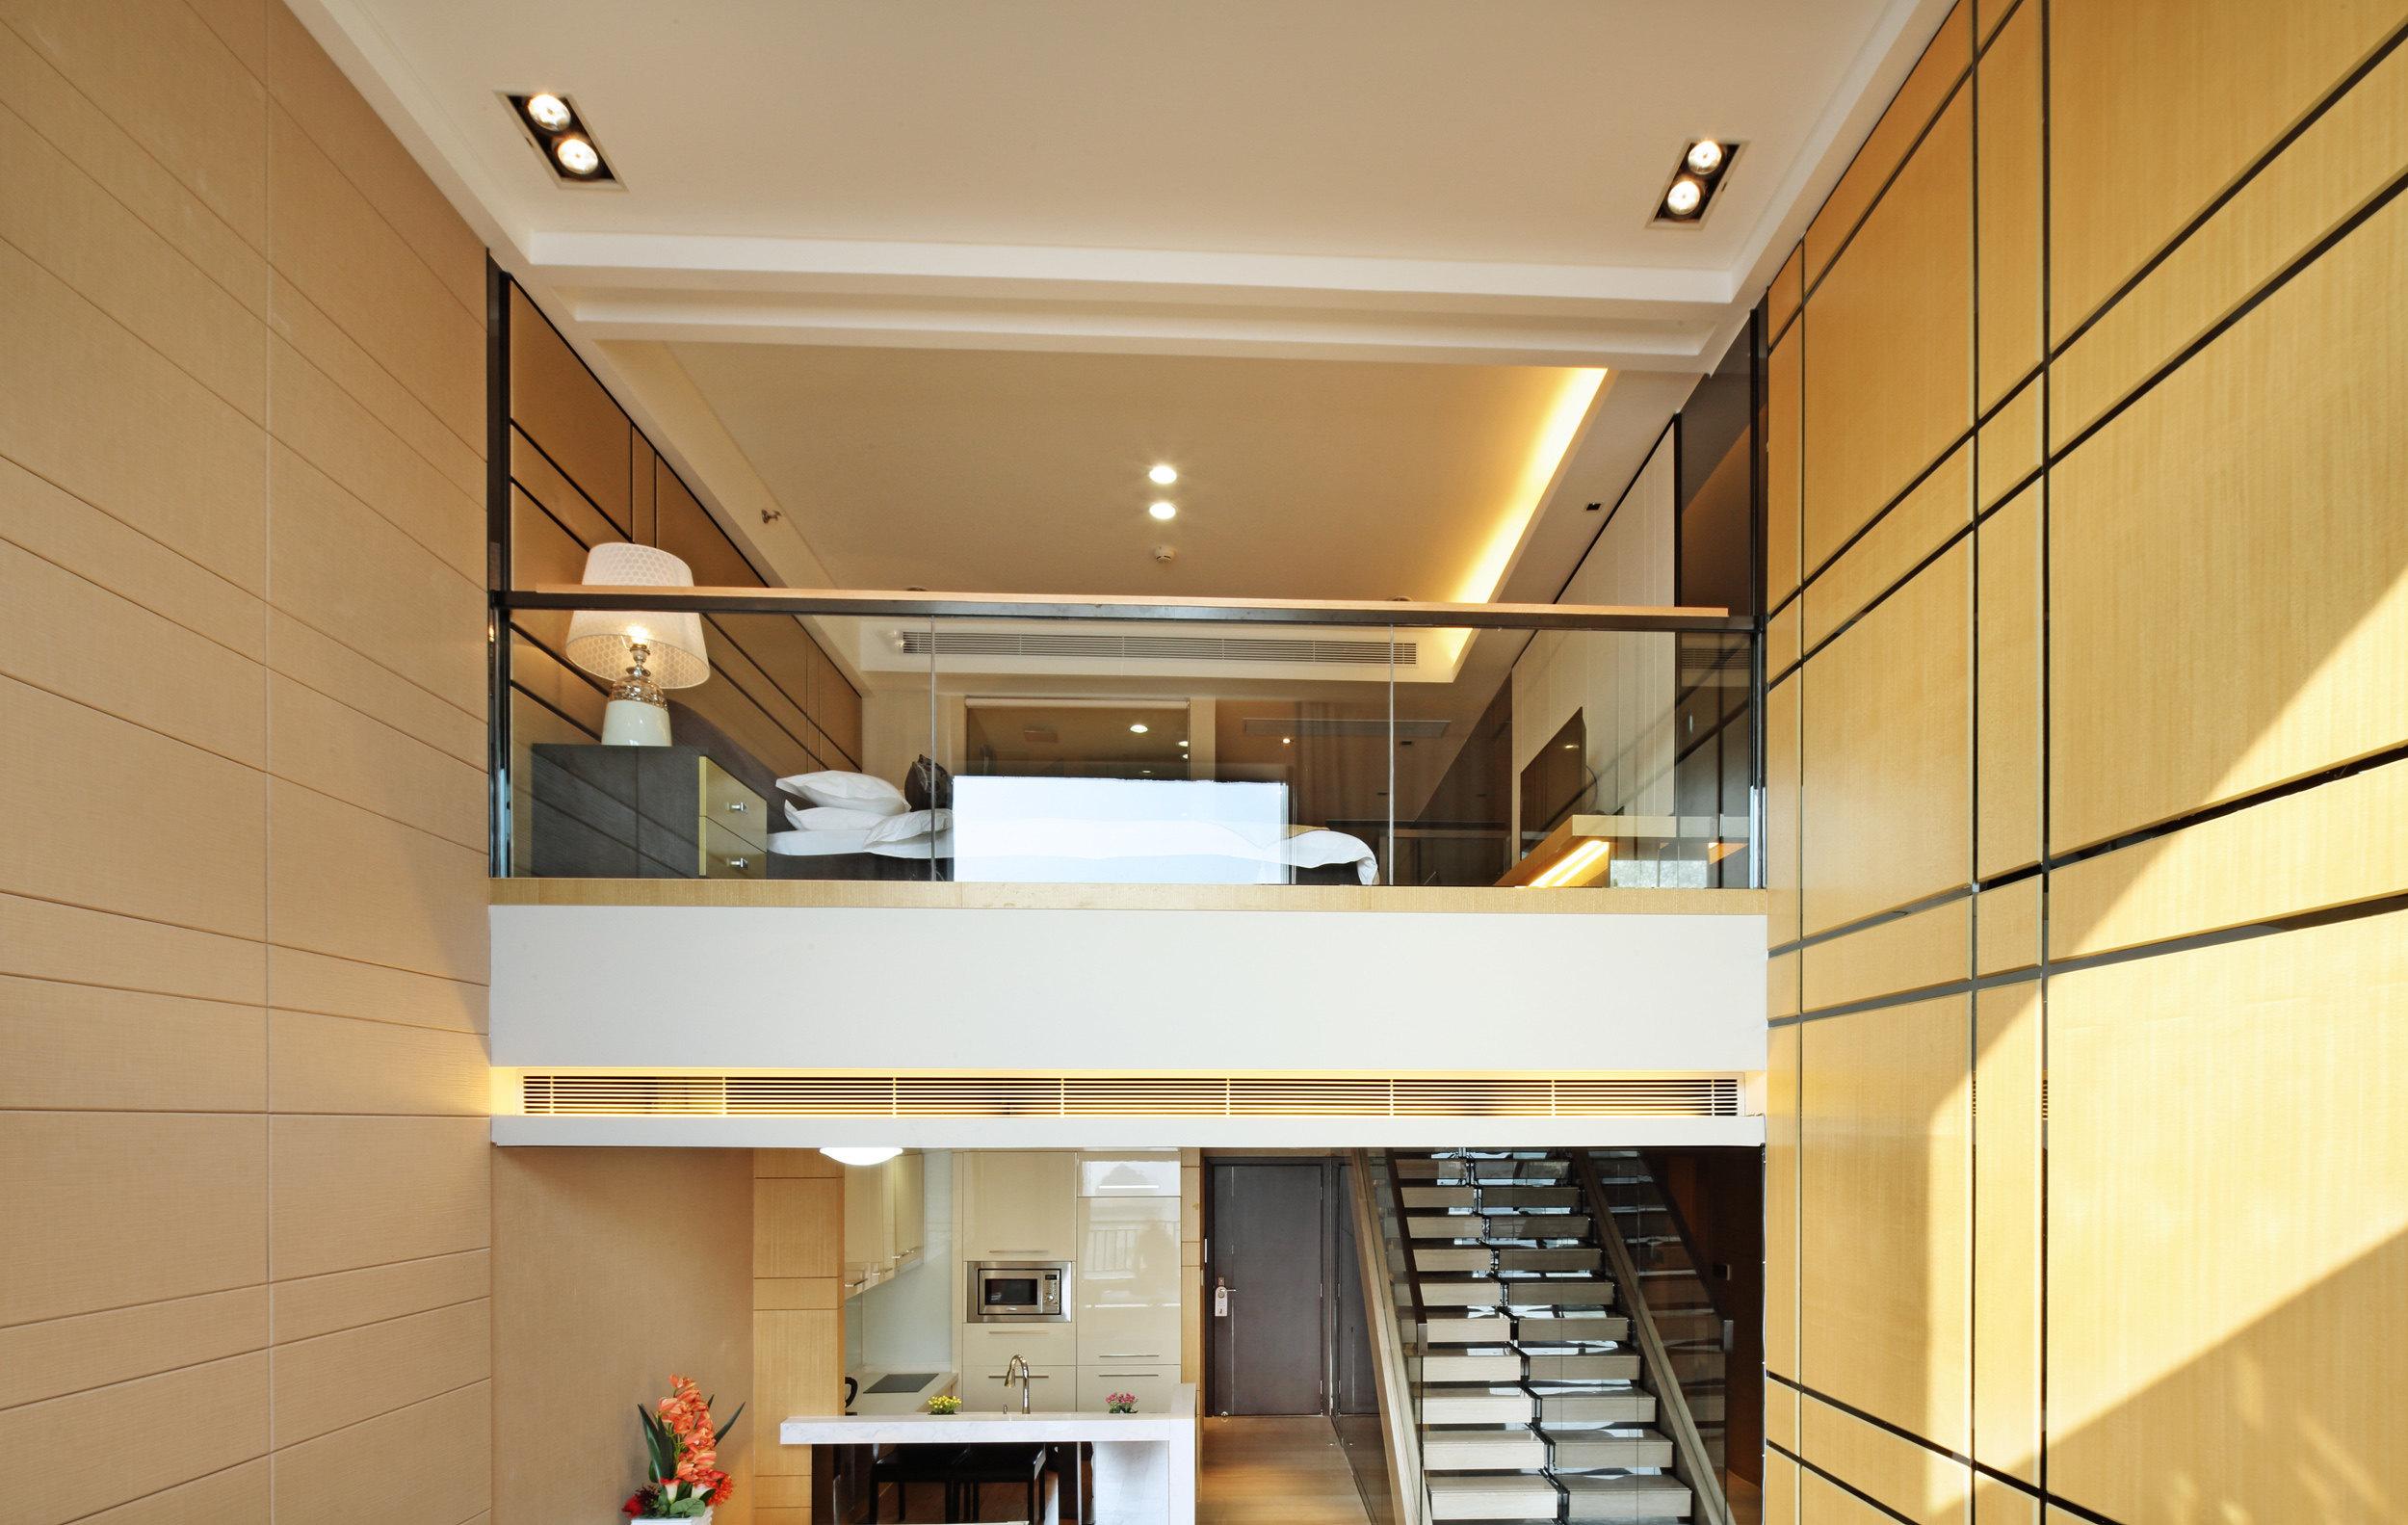 广州保利中汇-豪华复式公寓套房图片